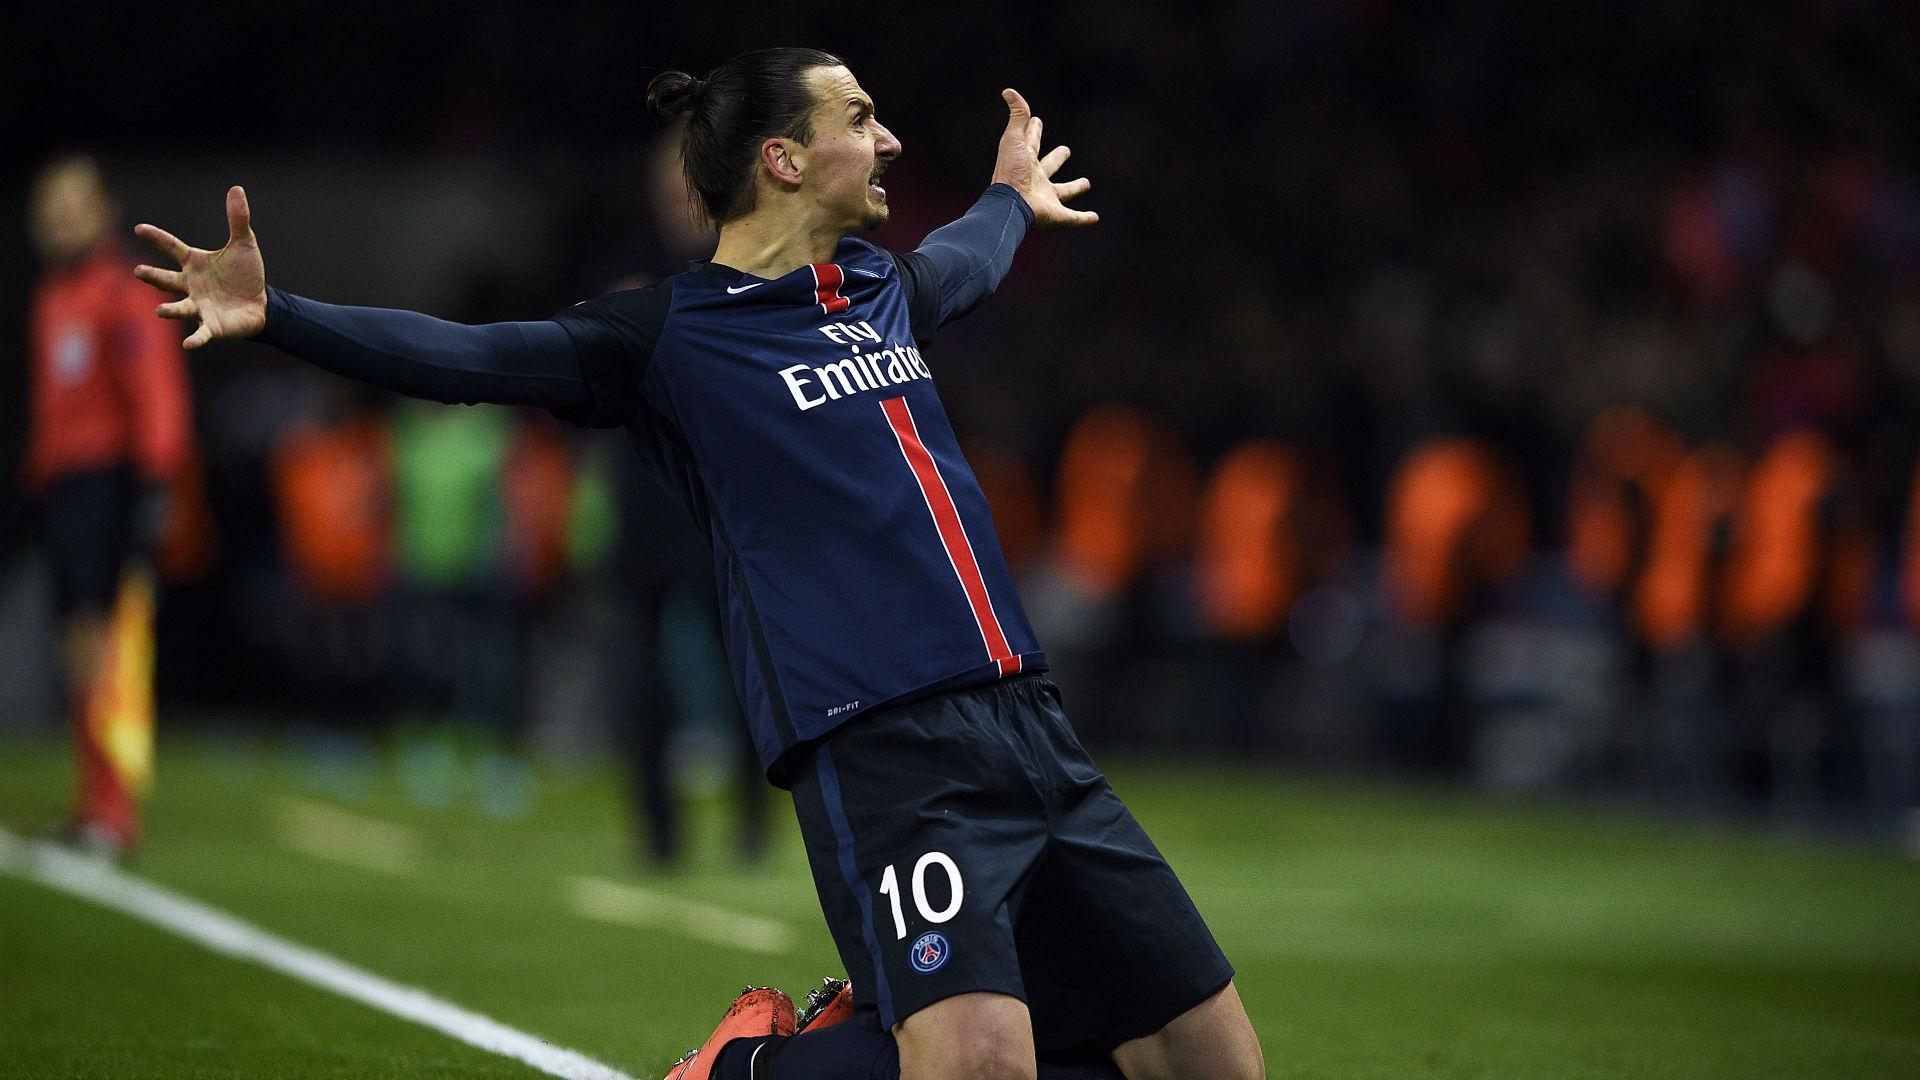 Mercato: ¿Hacia una gran transferencia entre PSG y Chelsea?